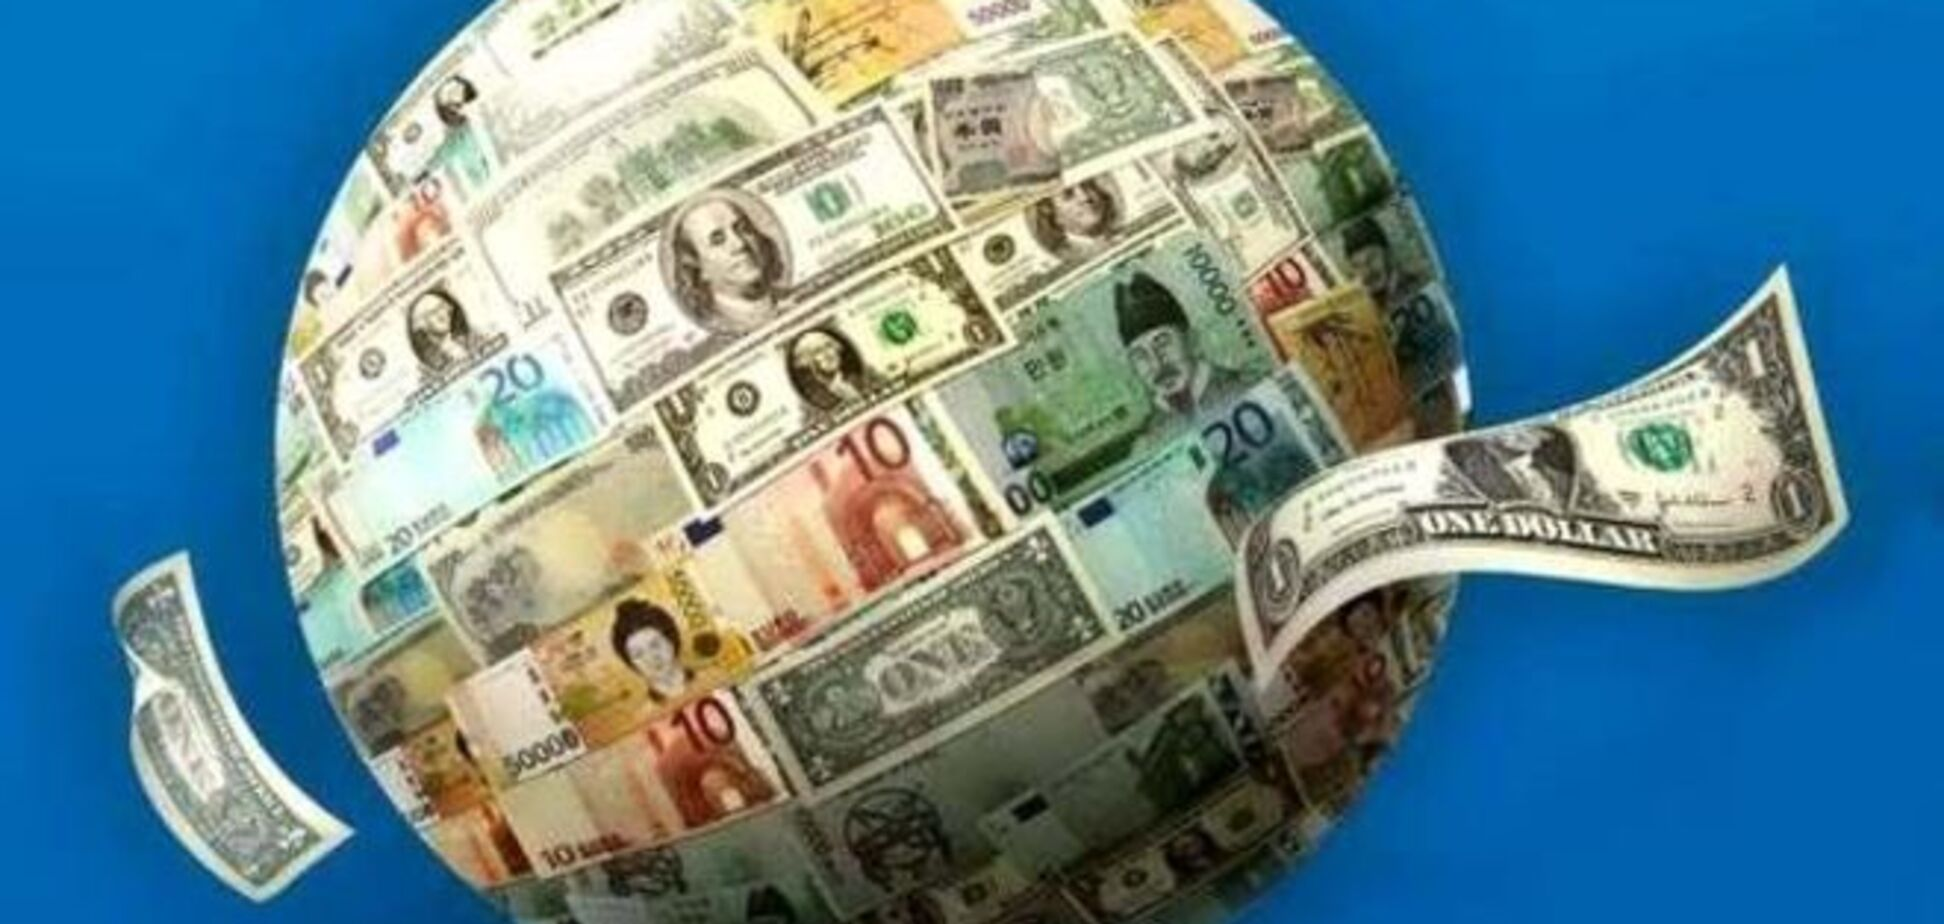 Українцям спростили доступ до розрахунків за онлайн-покупки